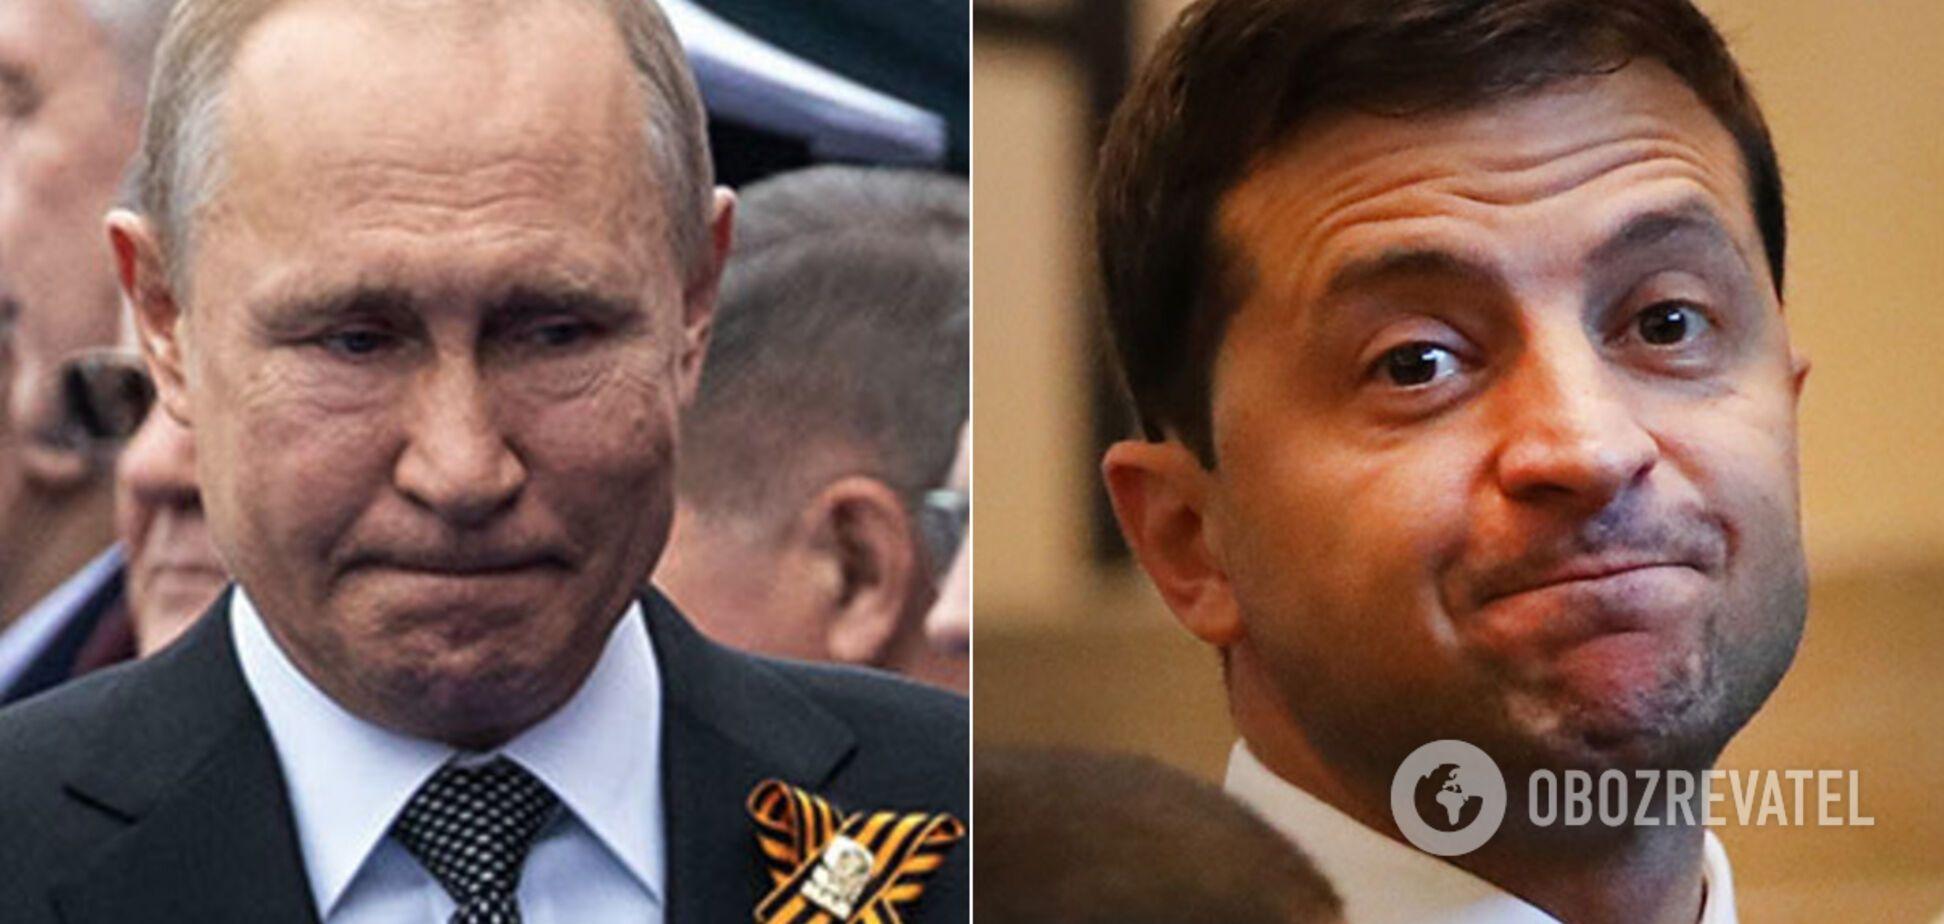 Зеленского не позвали на парад Победы в Москву: у Путина объяснились